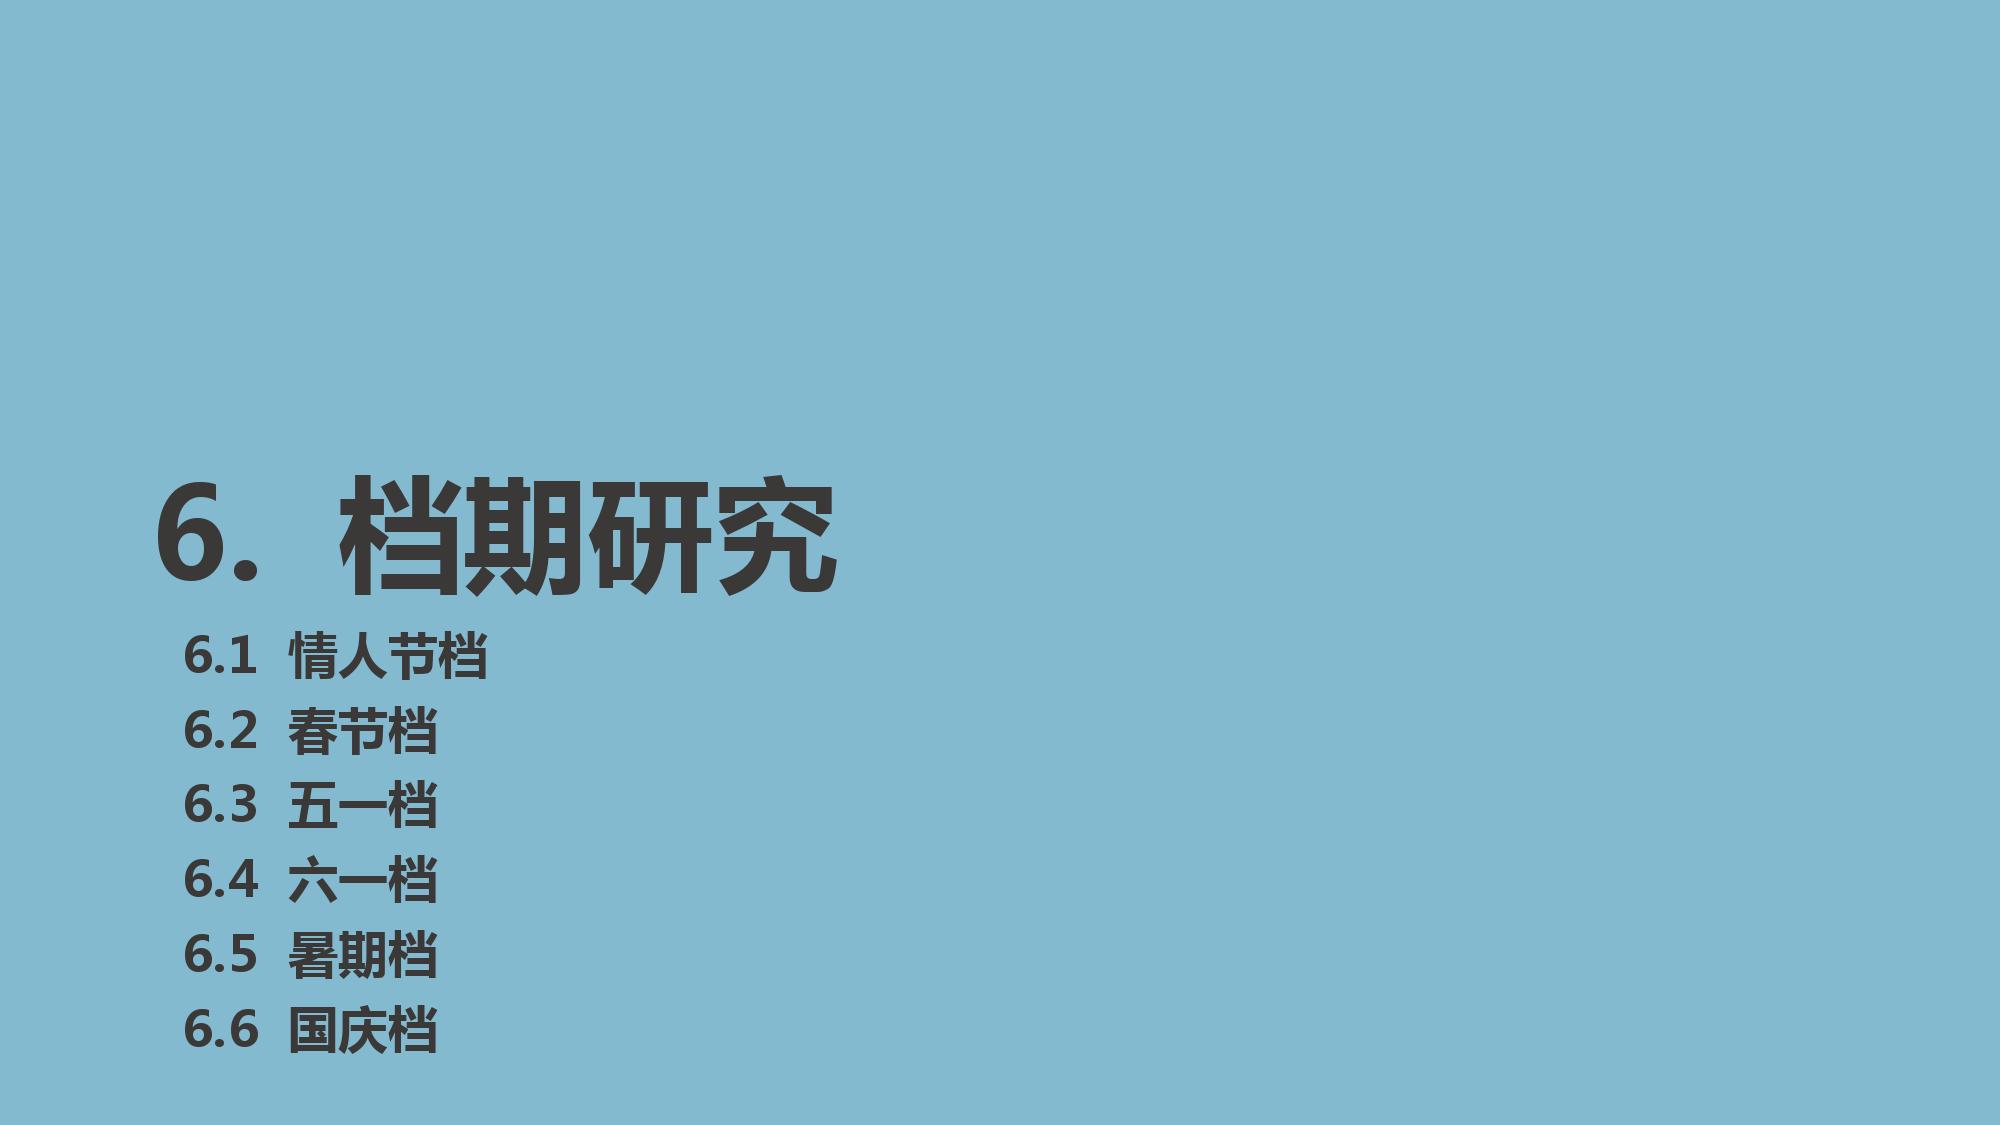 2015年度中国电影产业报告_000075